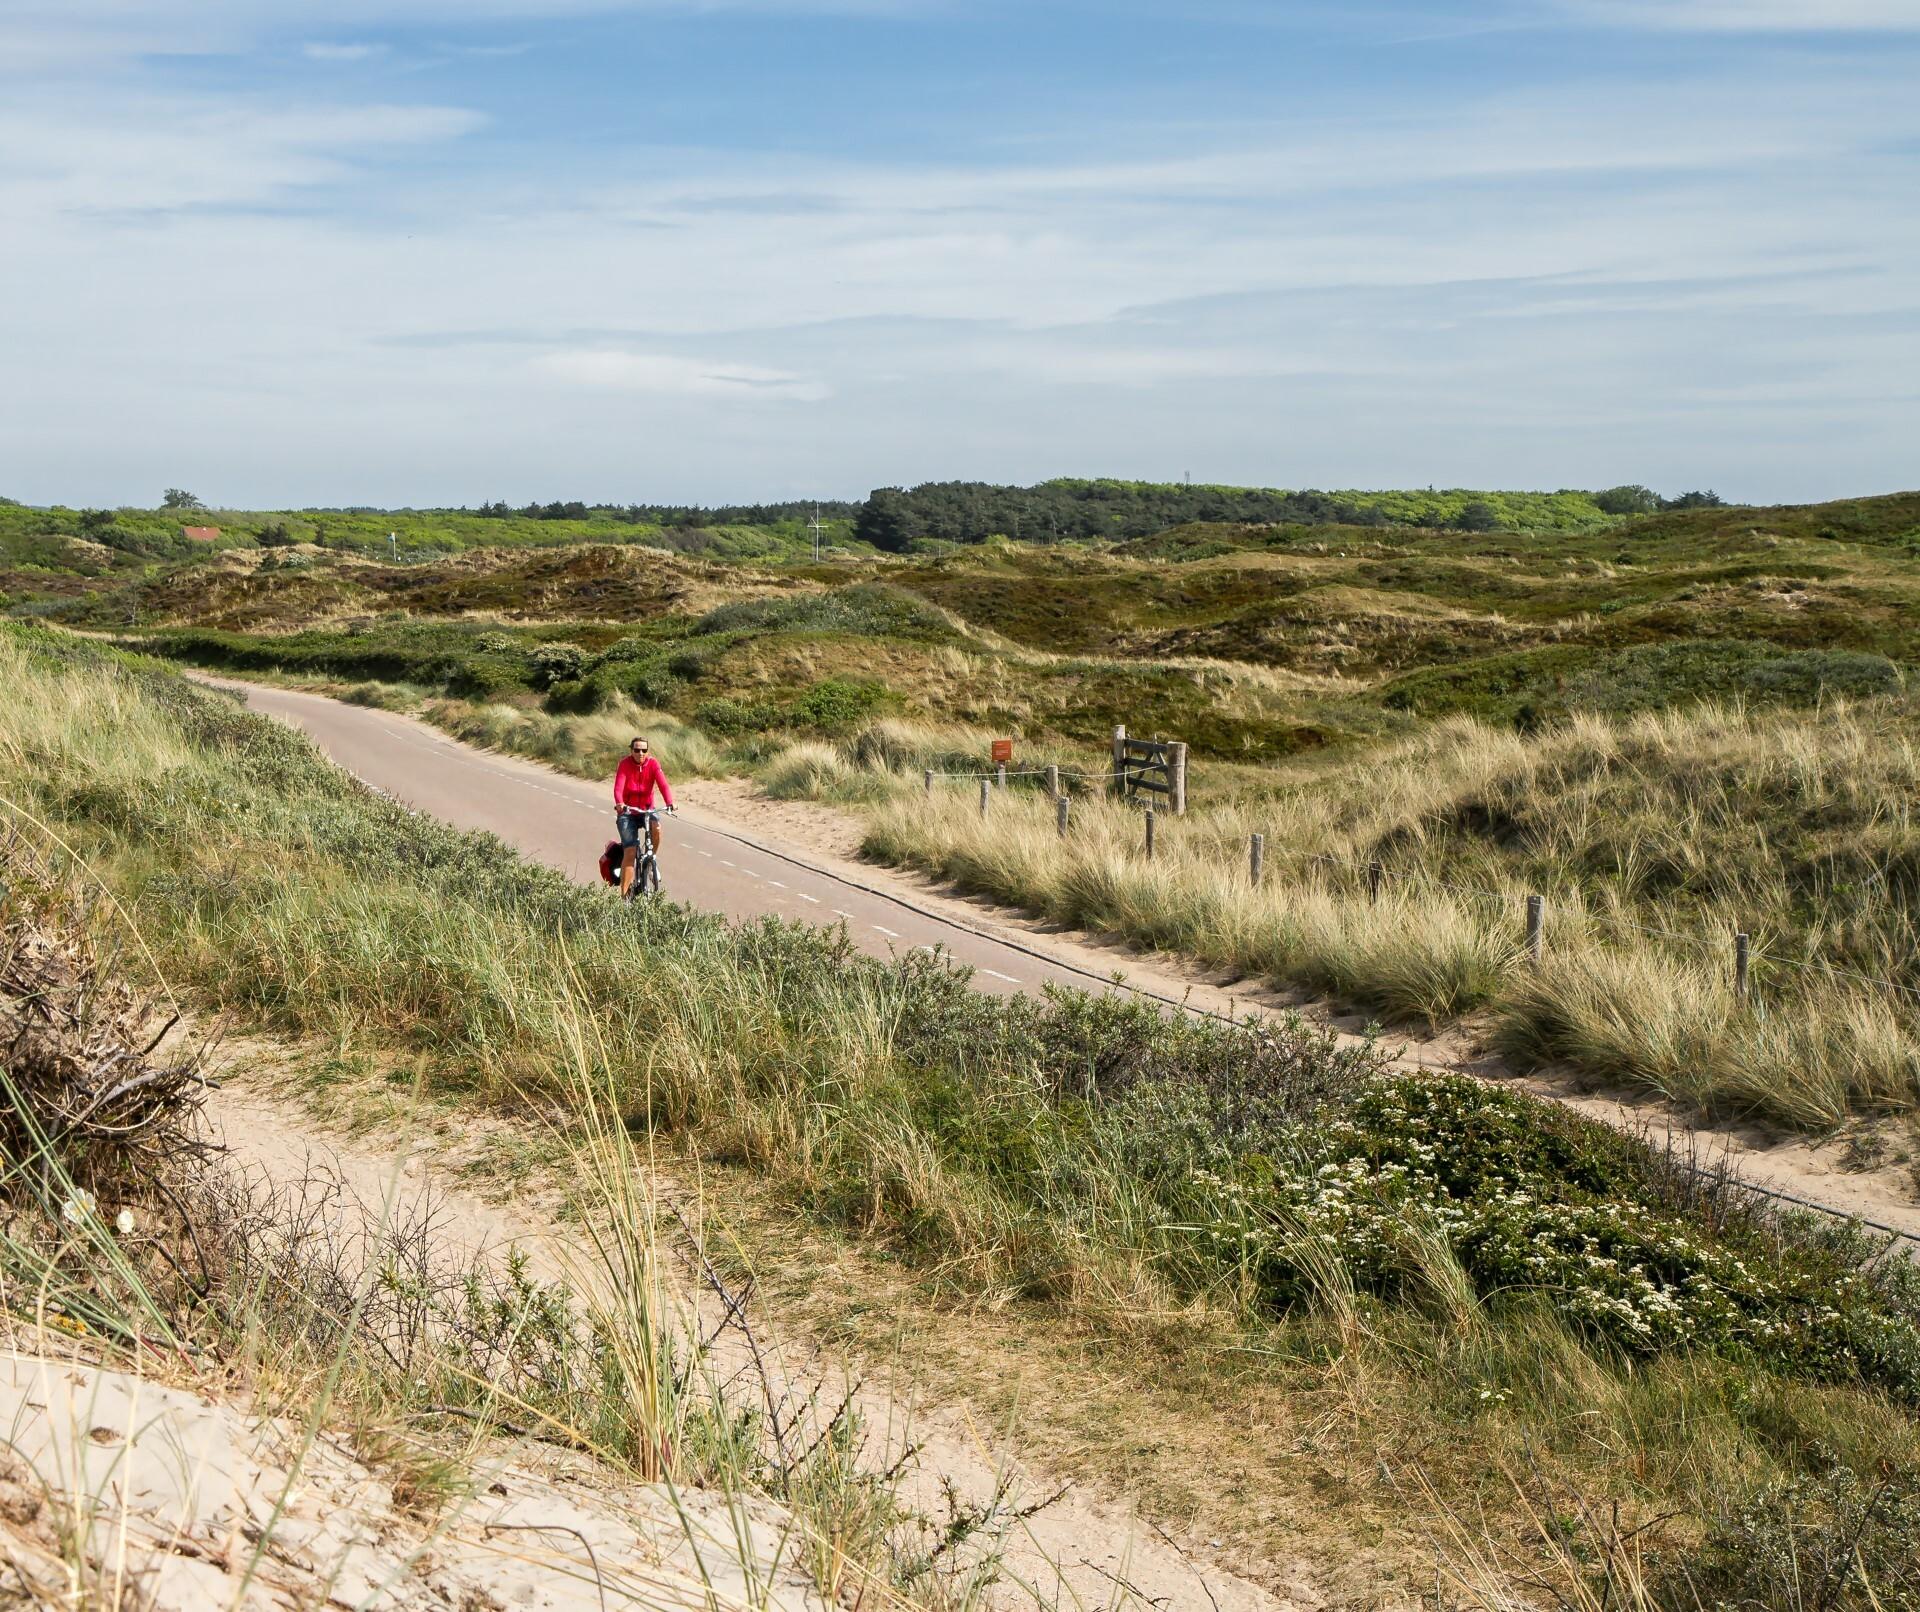 Fietsen in de duinen VVV Texel fotograaf Justin Sinner